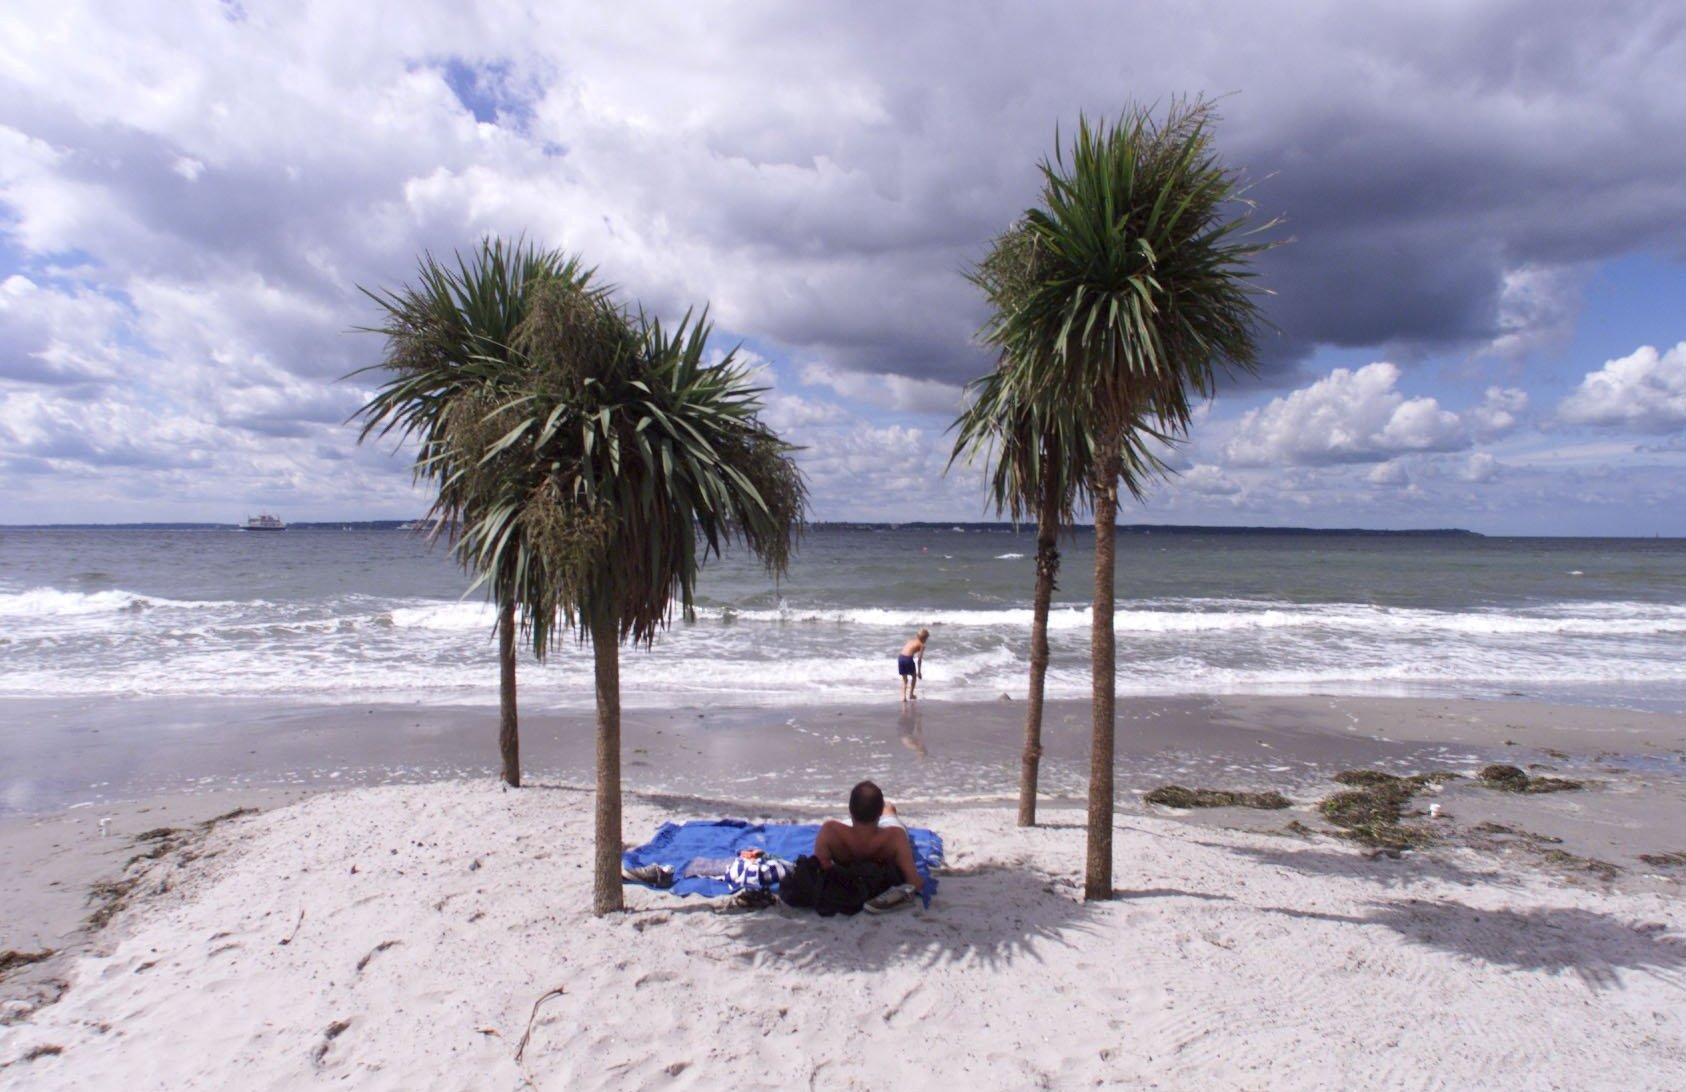 Palmerna ger stranden en minst sagt tropisk känsla.